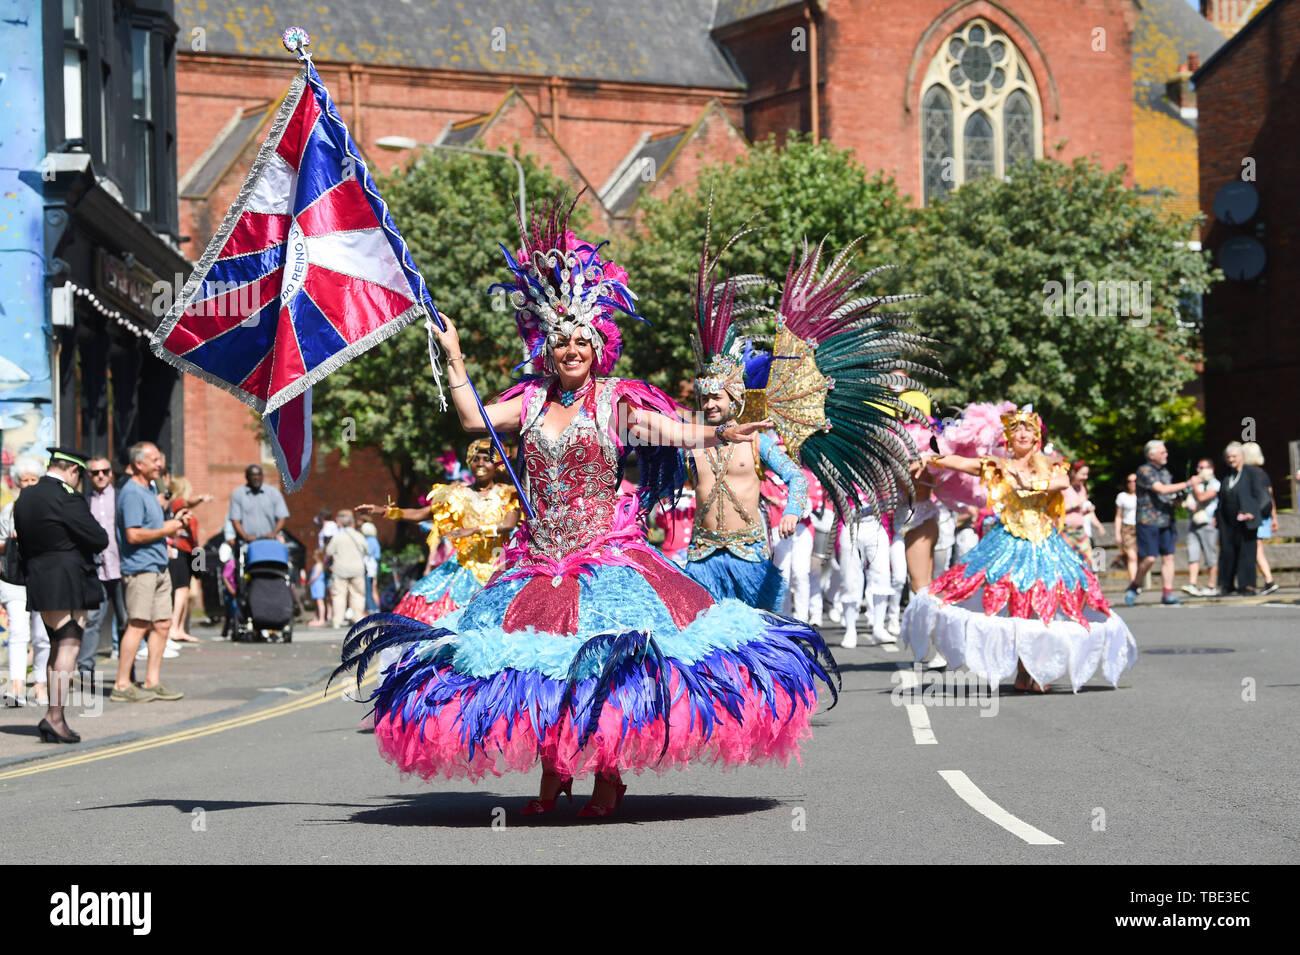 Brighton UK 1er juin 2019 - Des milliers de personnes profiter de la parade du Carnaval de Kemptown à Brighton, sur un beau jour ensoleillé chaud avec des températures devrait atteindre dans les années 20 élevée dans certaines parties du sud-est. Des milliers sont attendus pour le carnaval annuel dans la ville après un intervalle de deux ans avec de la musique , des stands de nourriture et d'activités qui auront lieu tout au long de la journée jusqu'à dix heures du soir . Crédit photo: Simon Dack / Alamy Live News Photo Stock